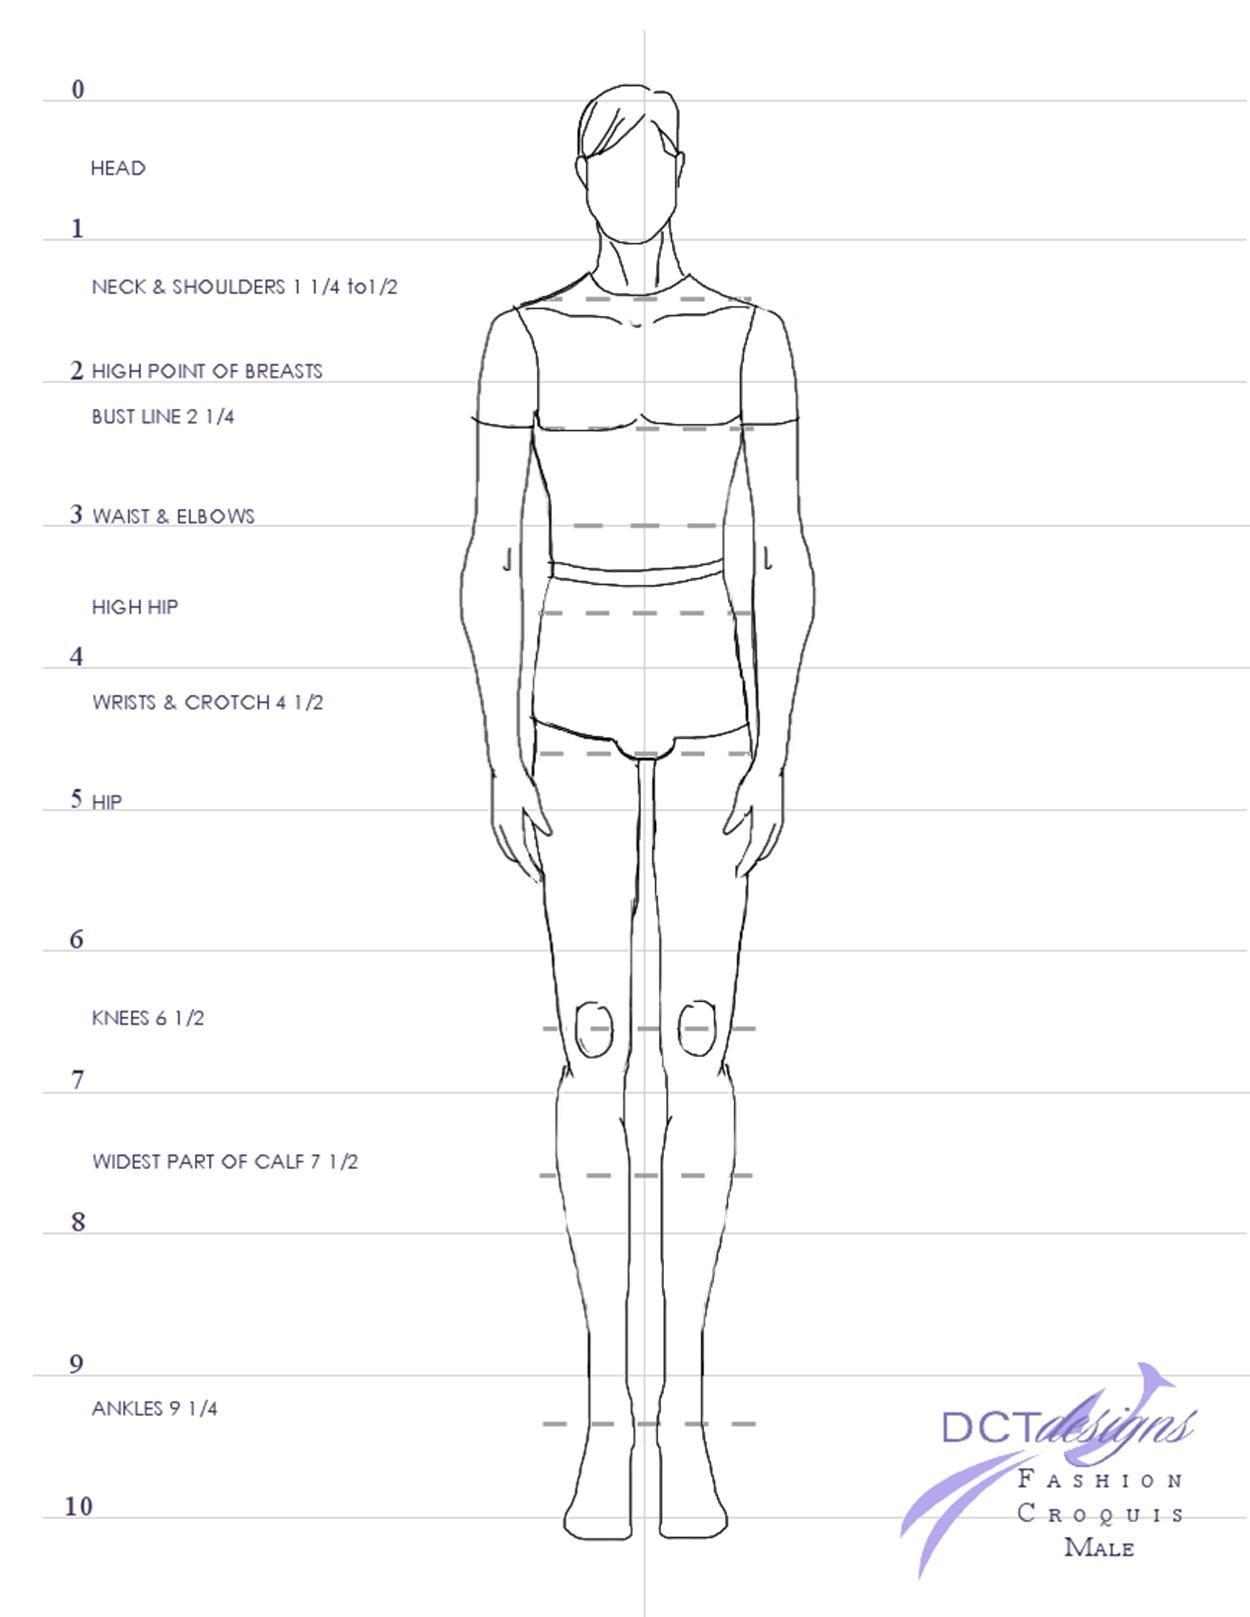 Croquis Part Ii Fashion Design Template Croquis Fashion Fashion Figure Drawing